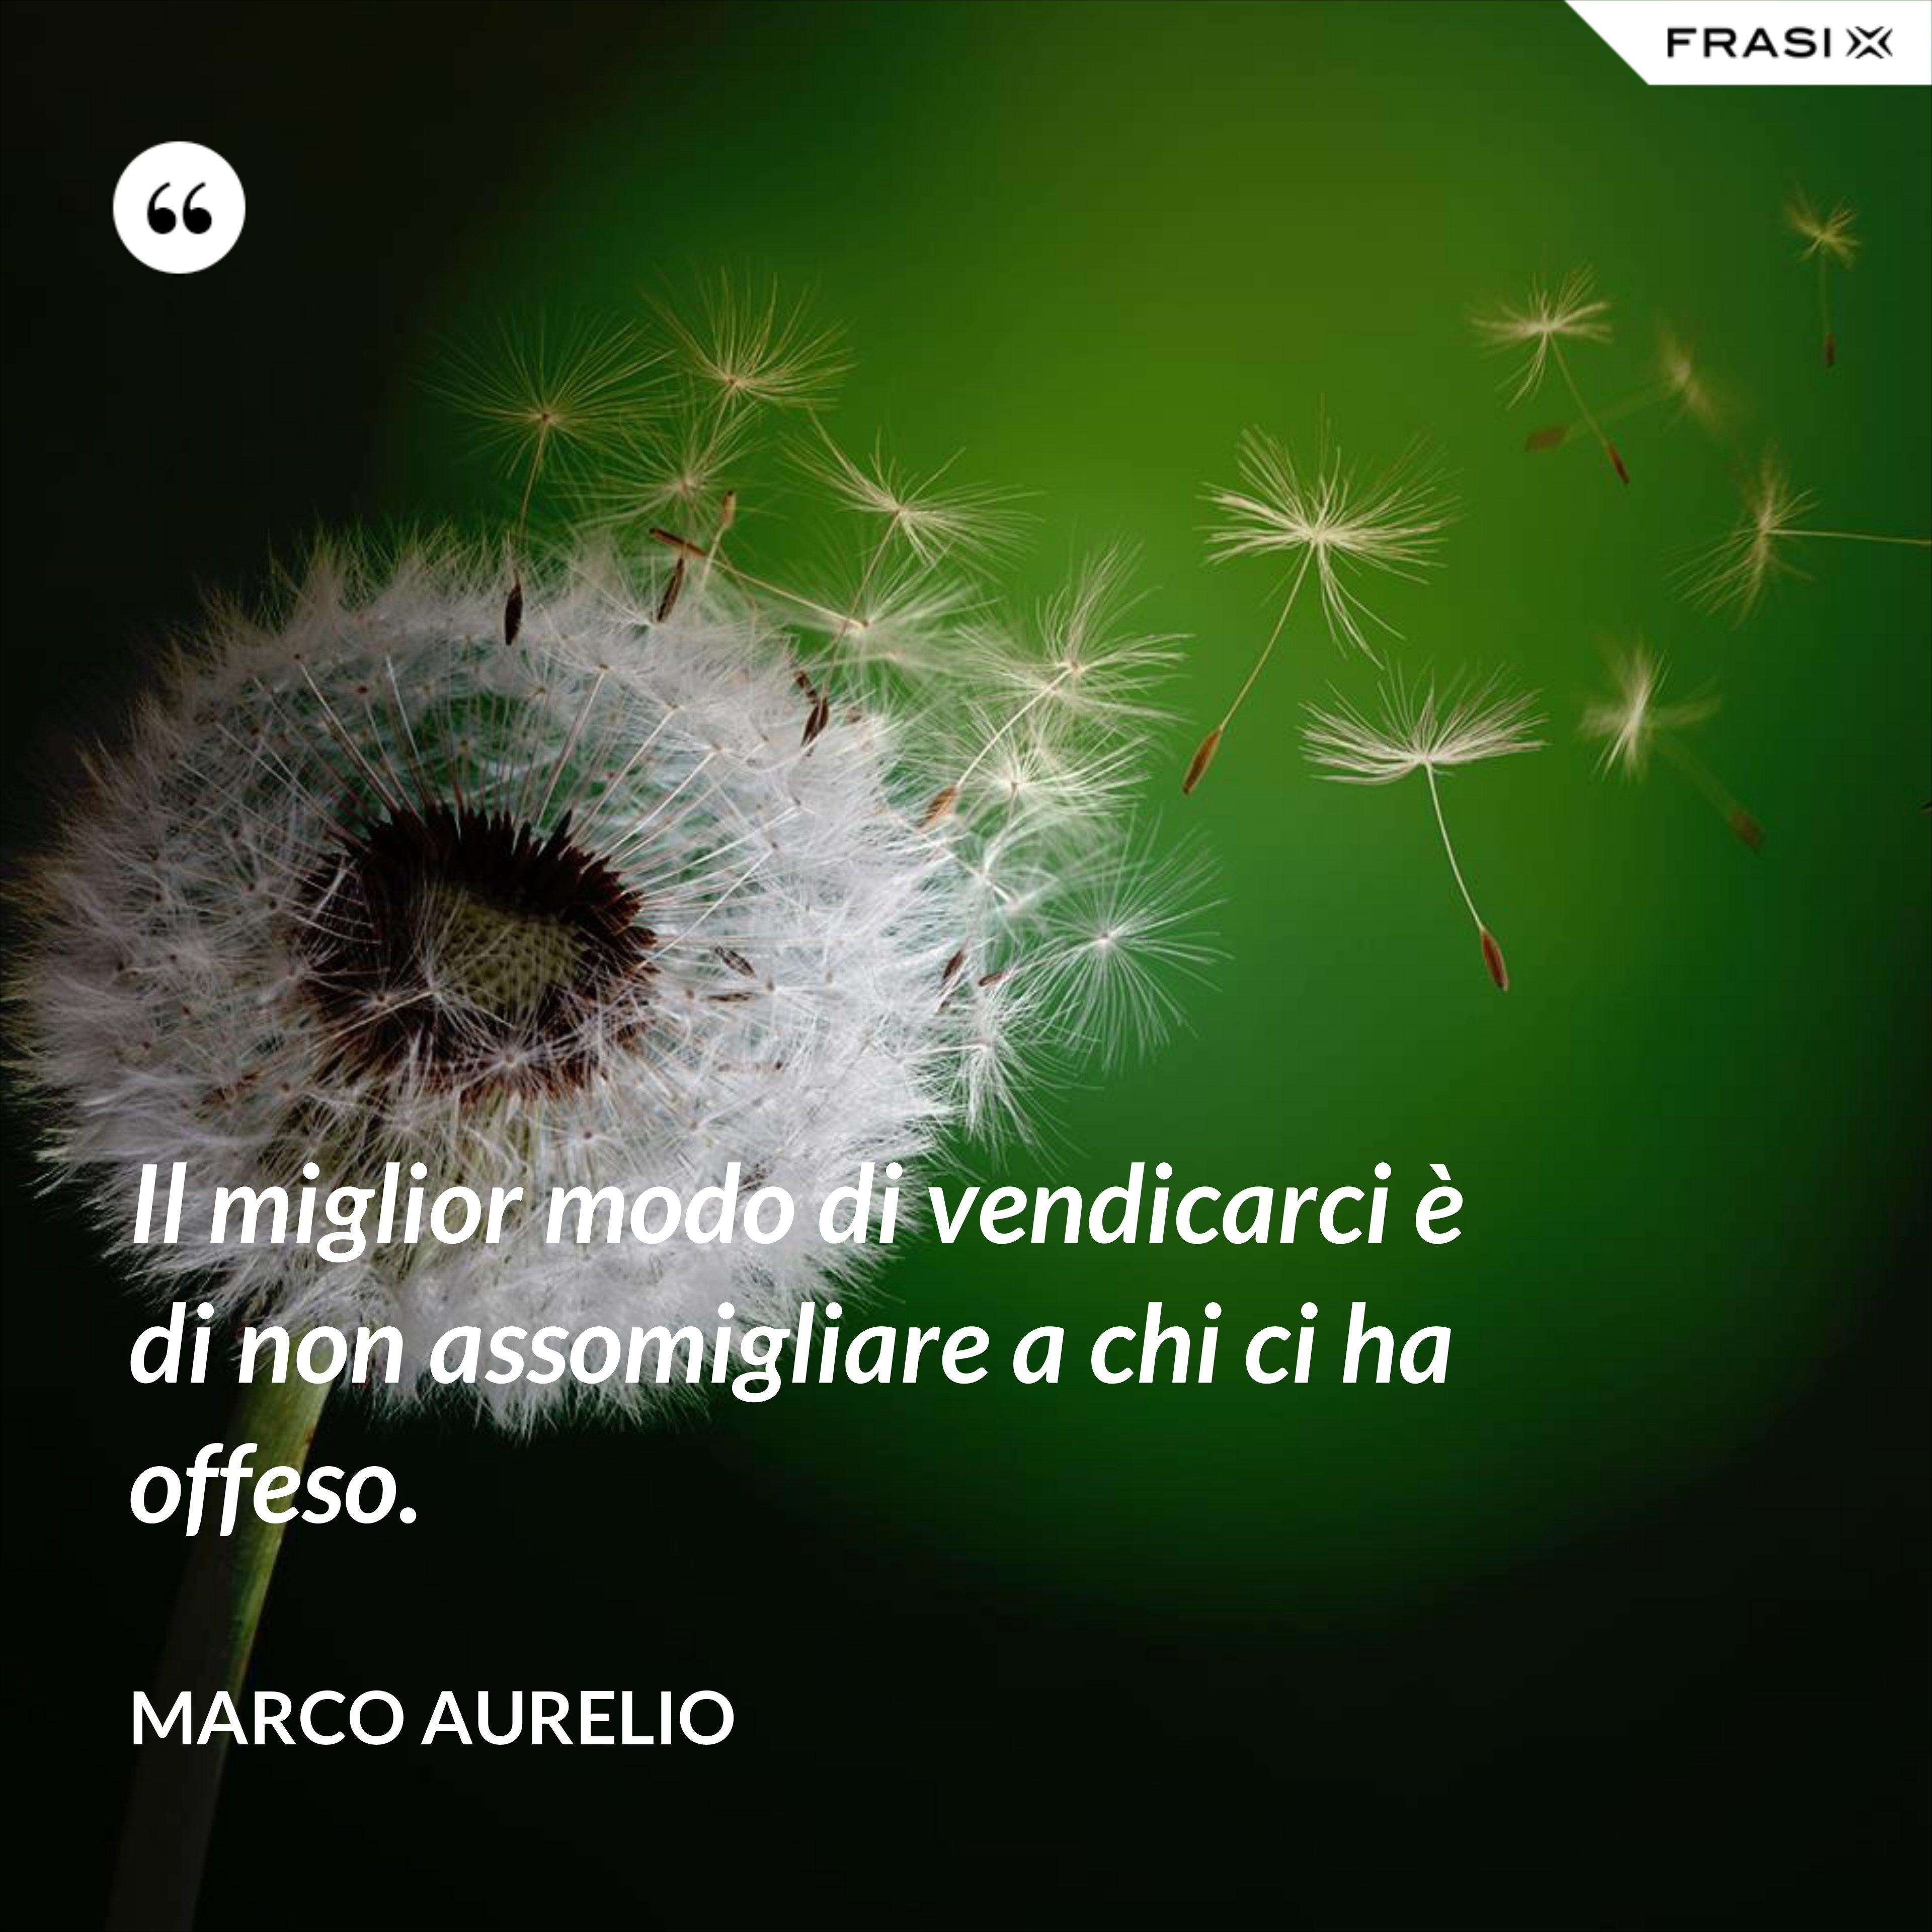 Il miglior modo di vendicarci è di non assomigliare a chi ci ha offeso. - Marco Aurelio